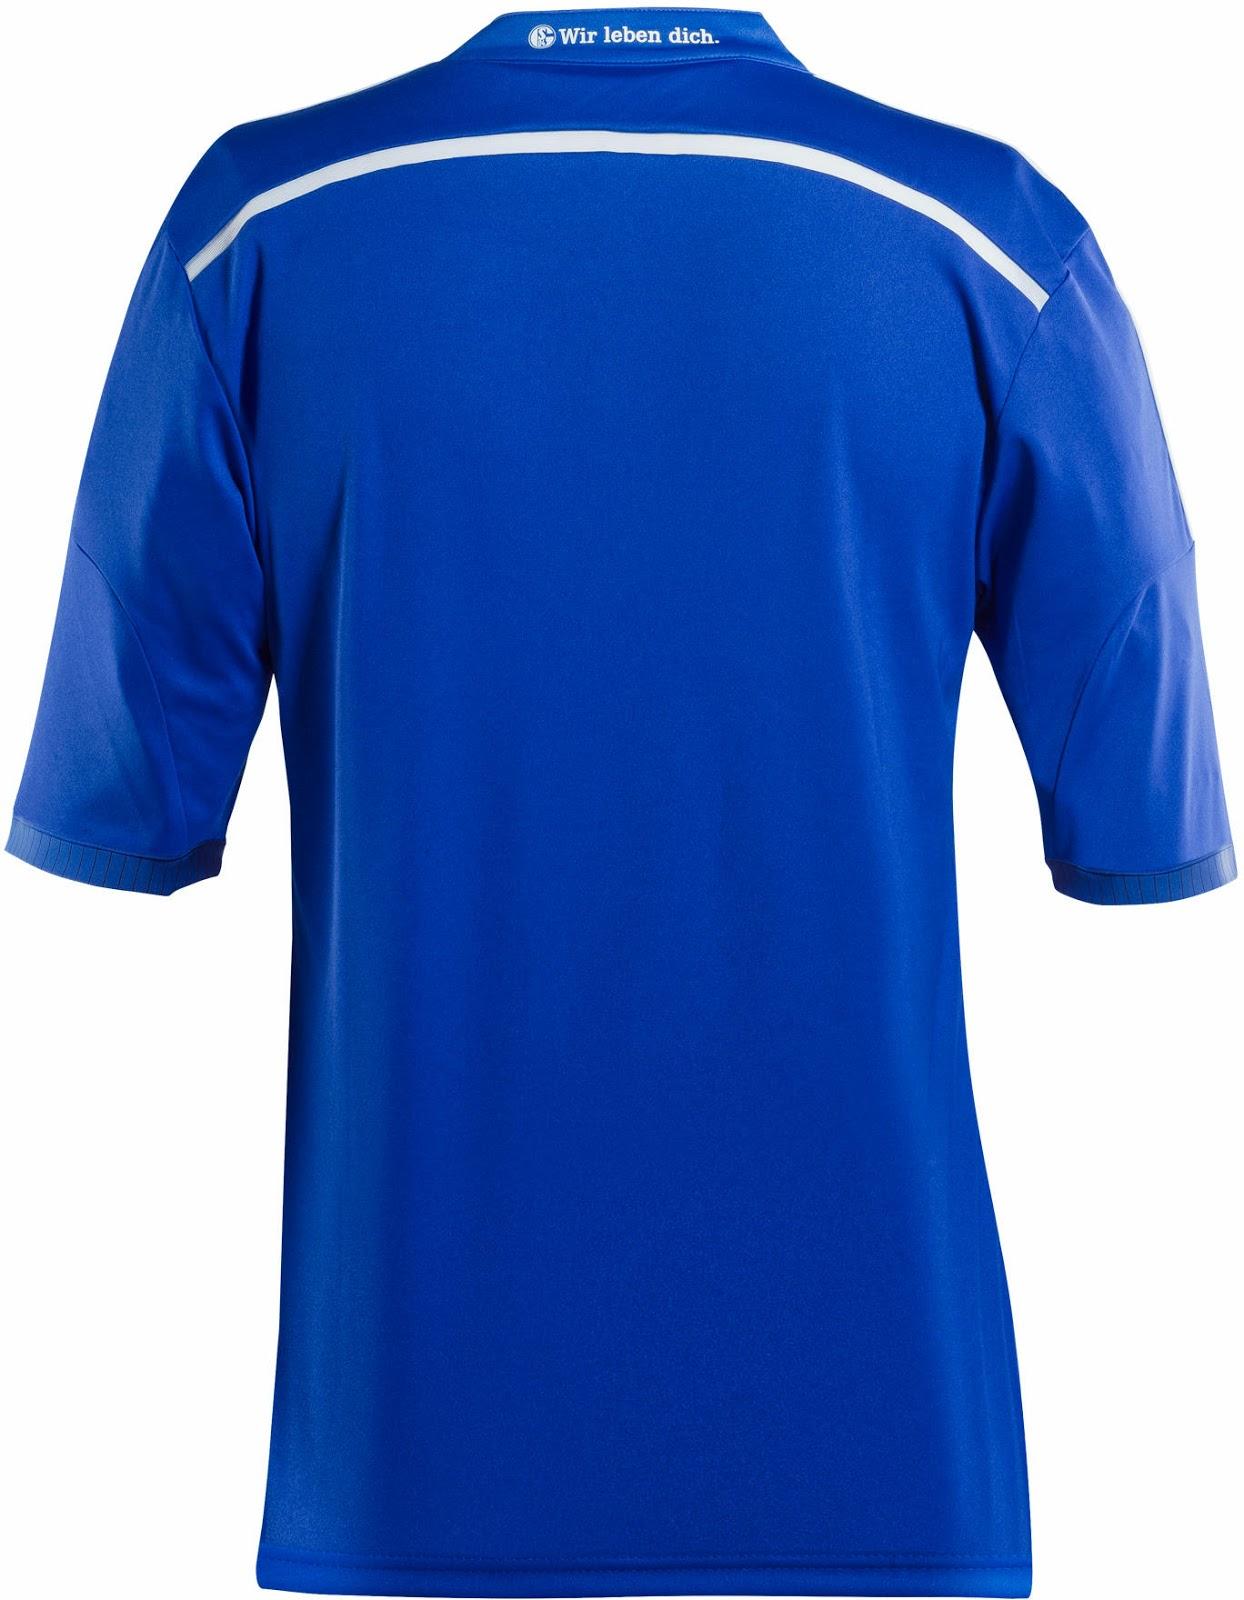 Schalke 04 14-15 Home Kit Released